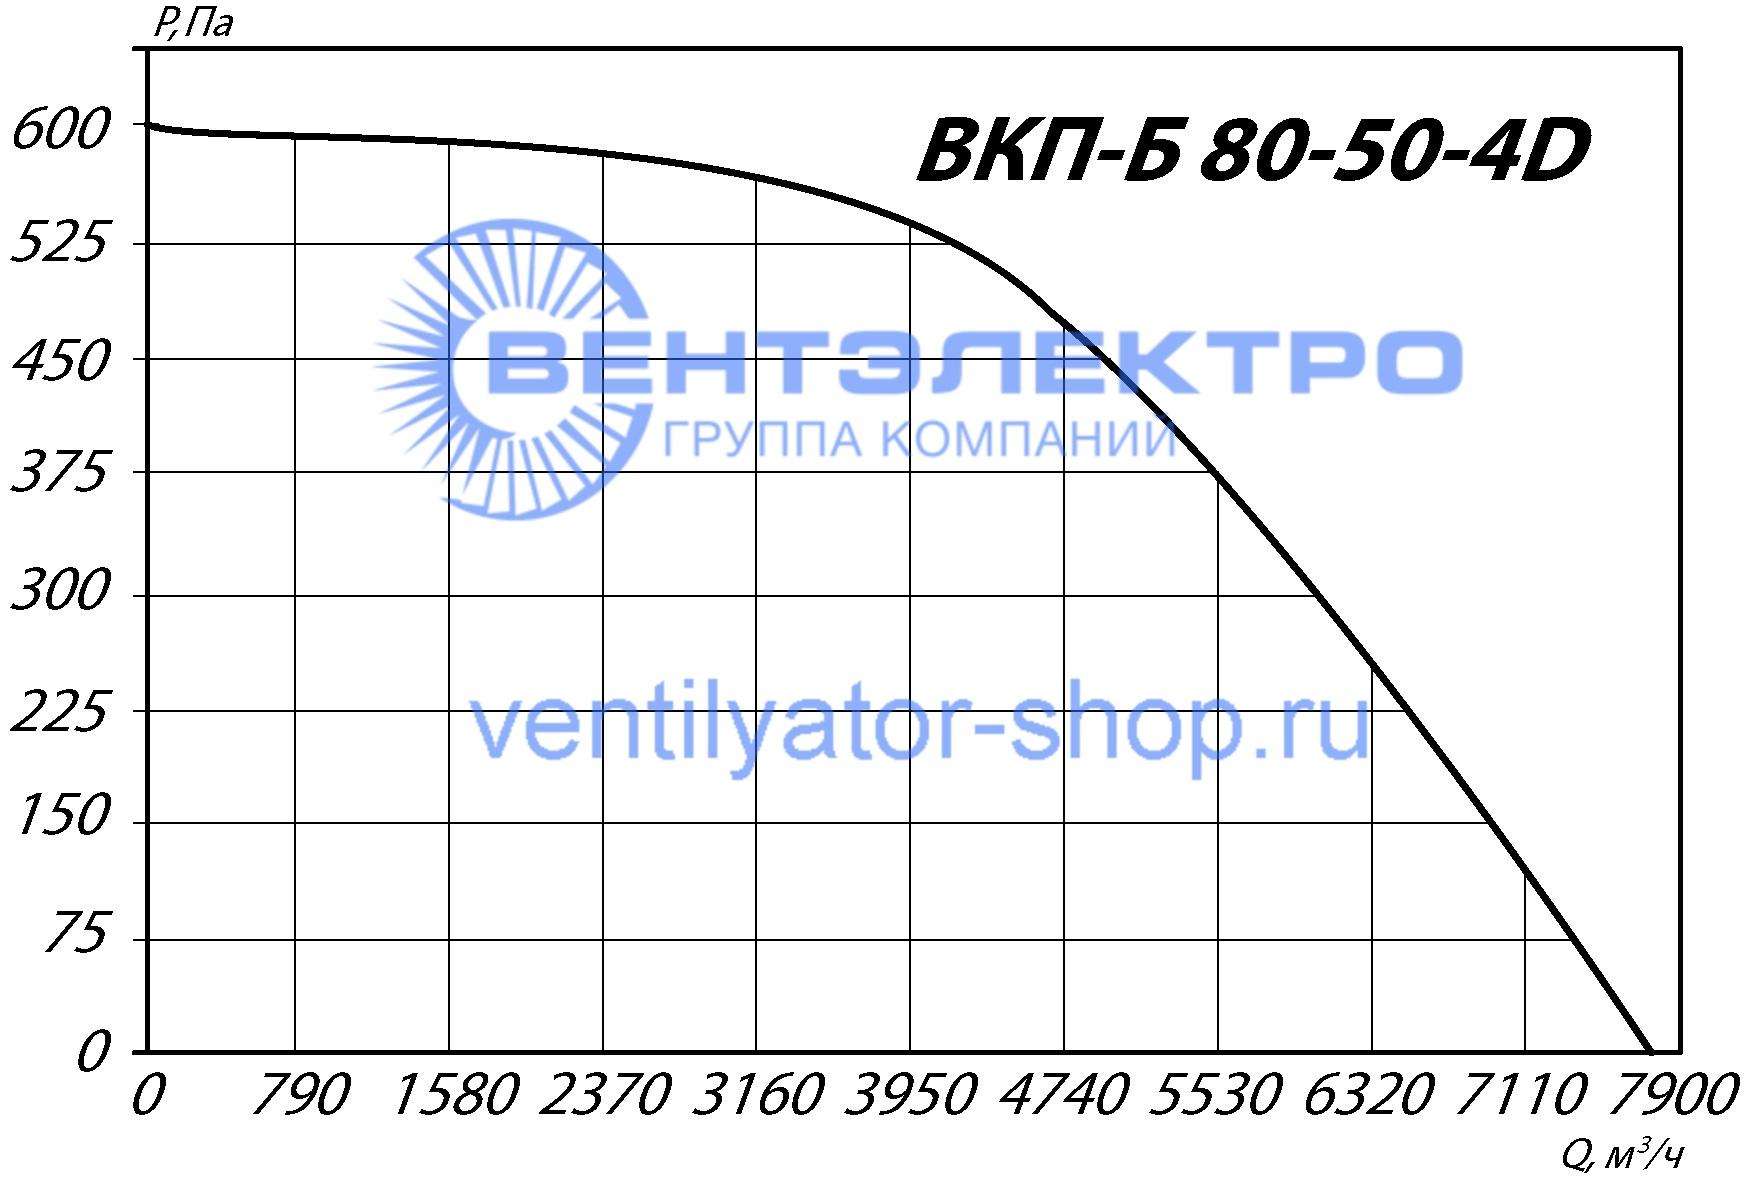 График аэродинамических характеристик ВКП-Б 80-50-4D